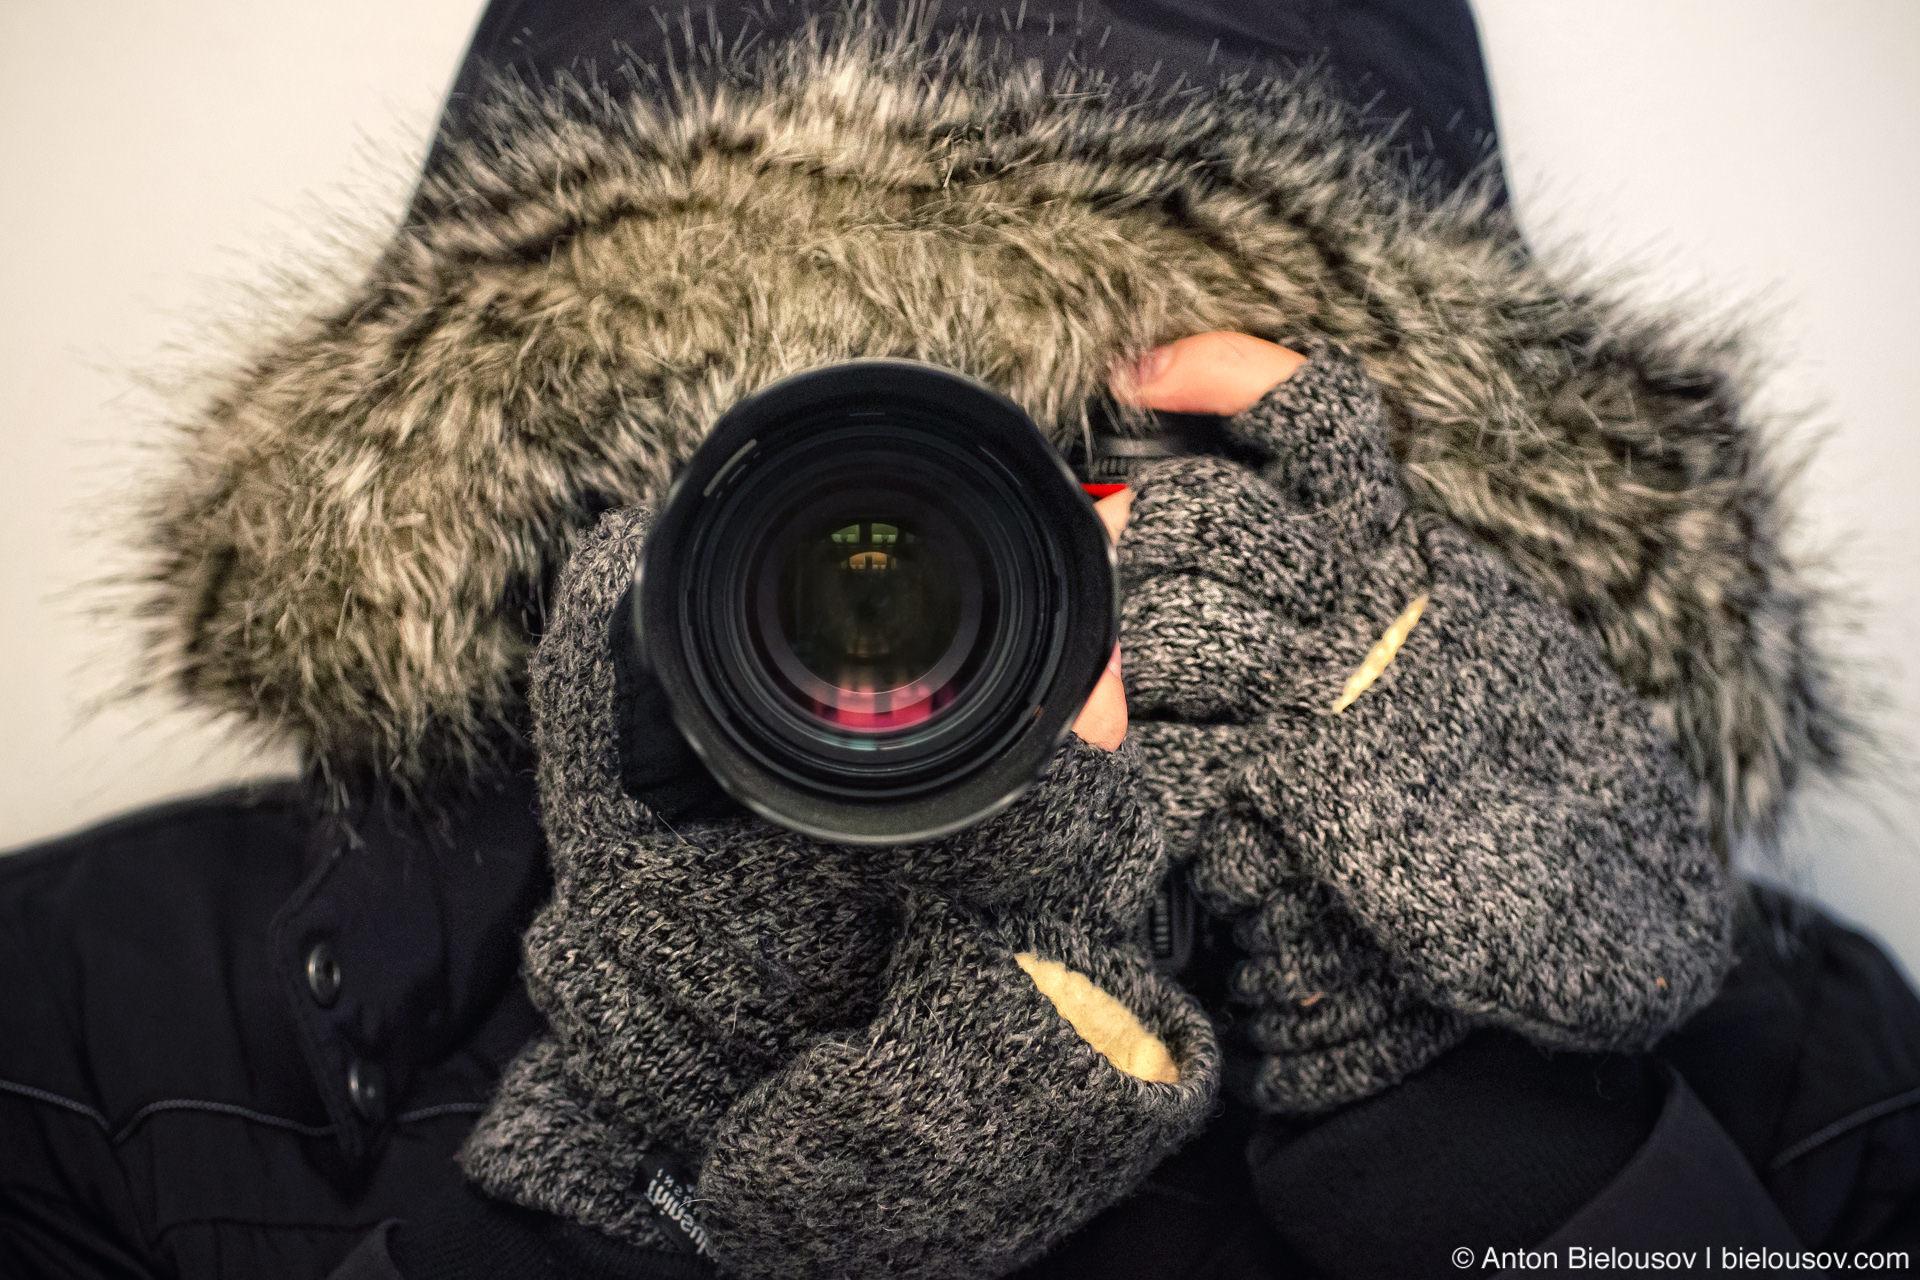 использование фотоаппарата на морозе тема альтернатива противопоставление